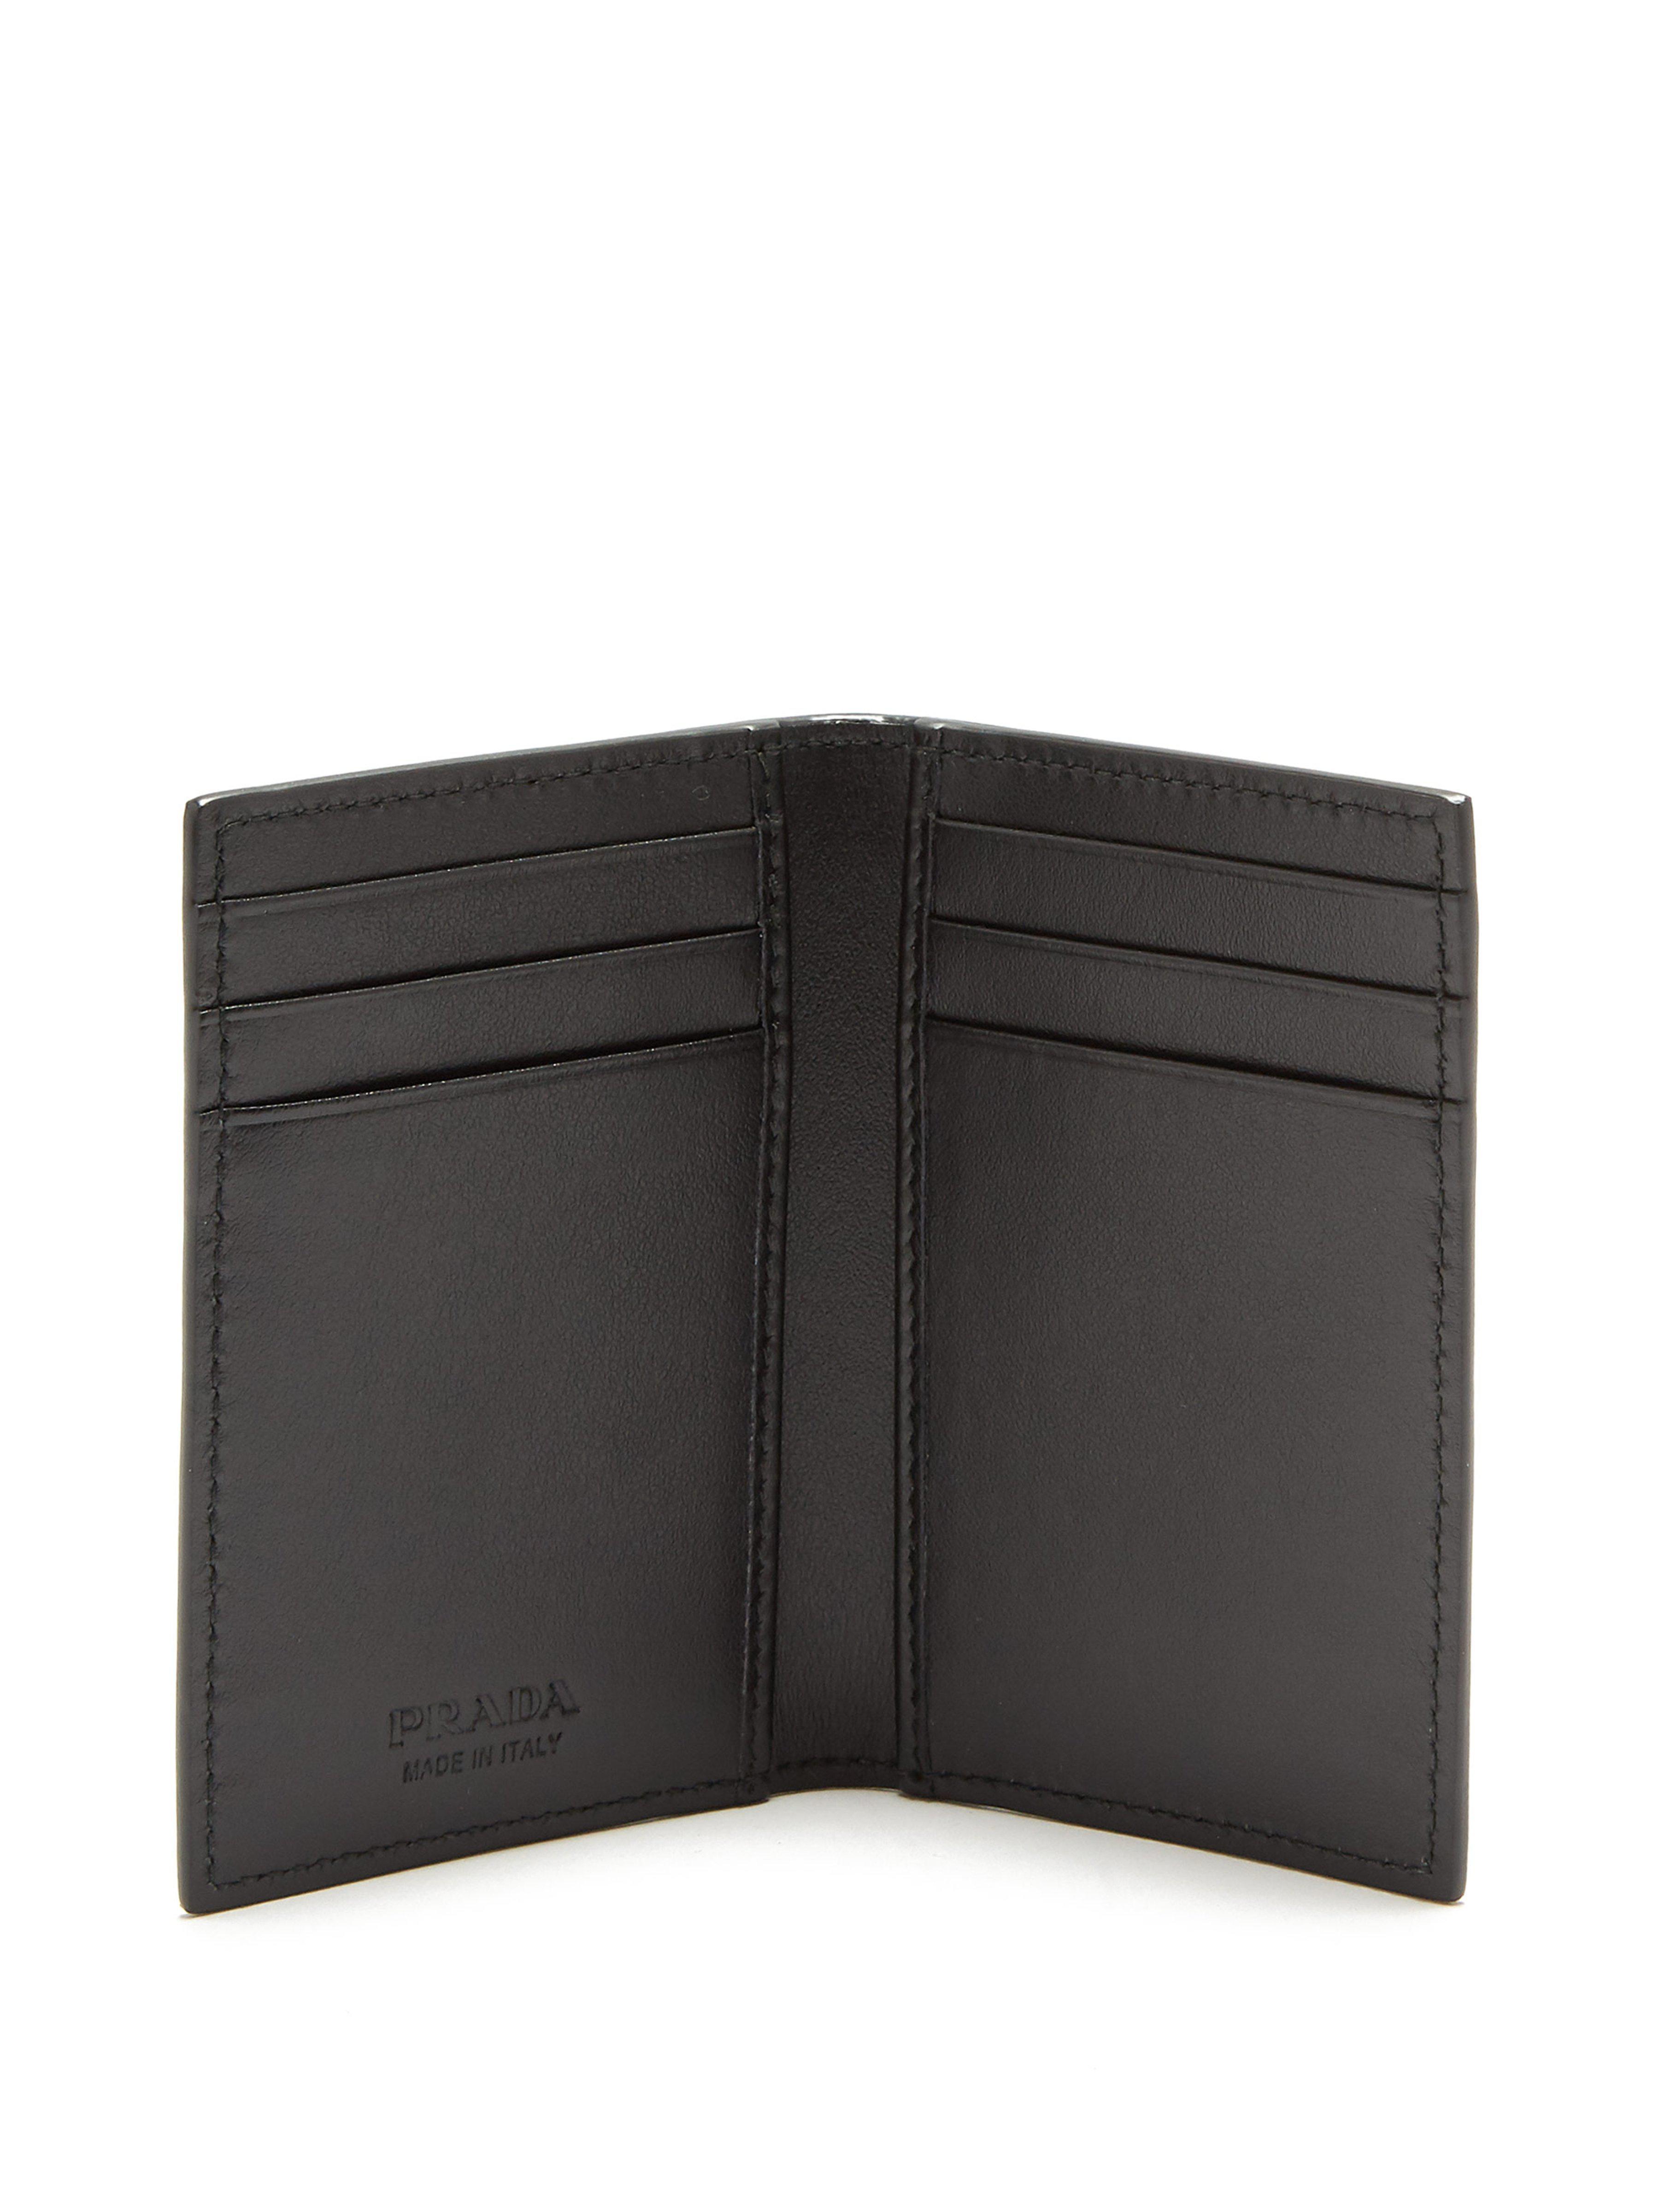 be775cb6b93c Prada Logo Print Bi Fold Cardholder in Black for Men - Lyst